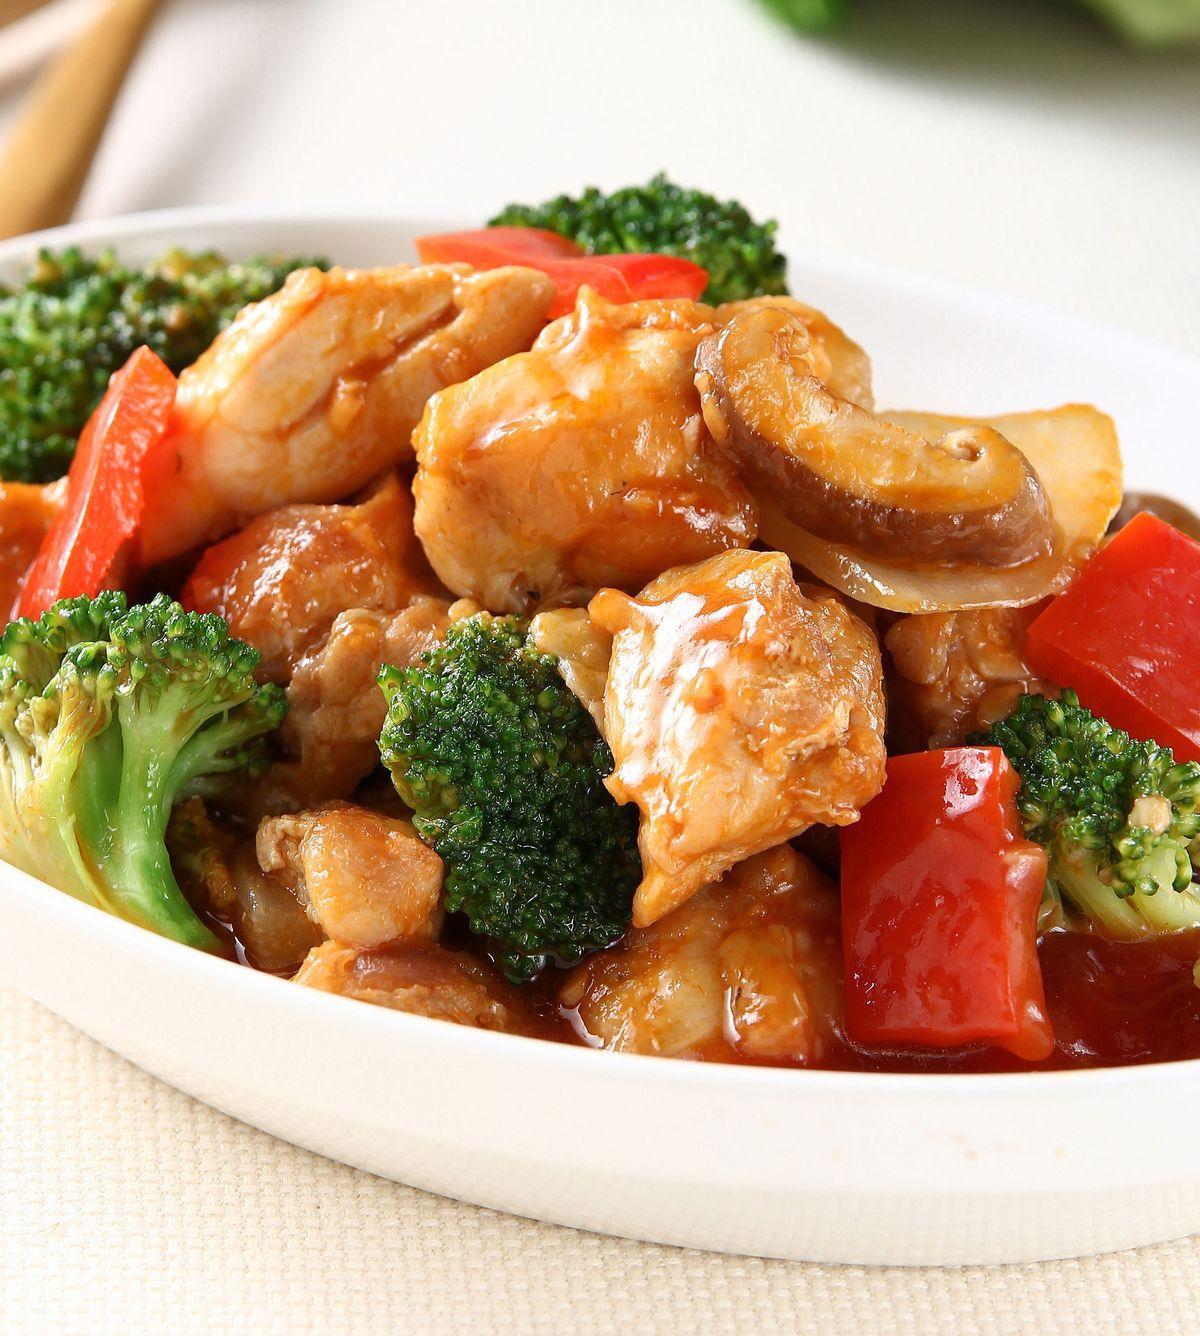 食譜:時蔬茄汁燒雞塊